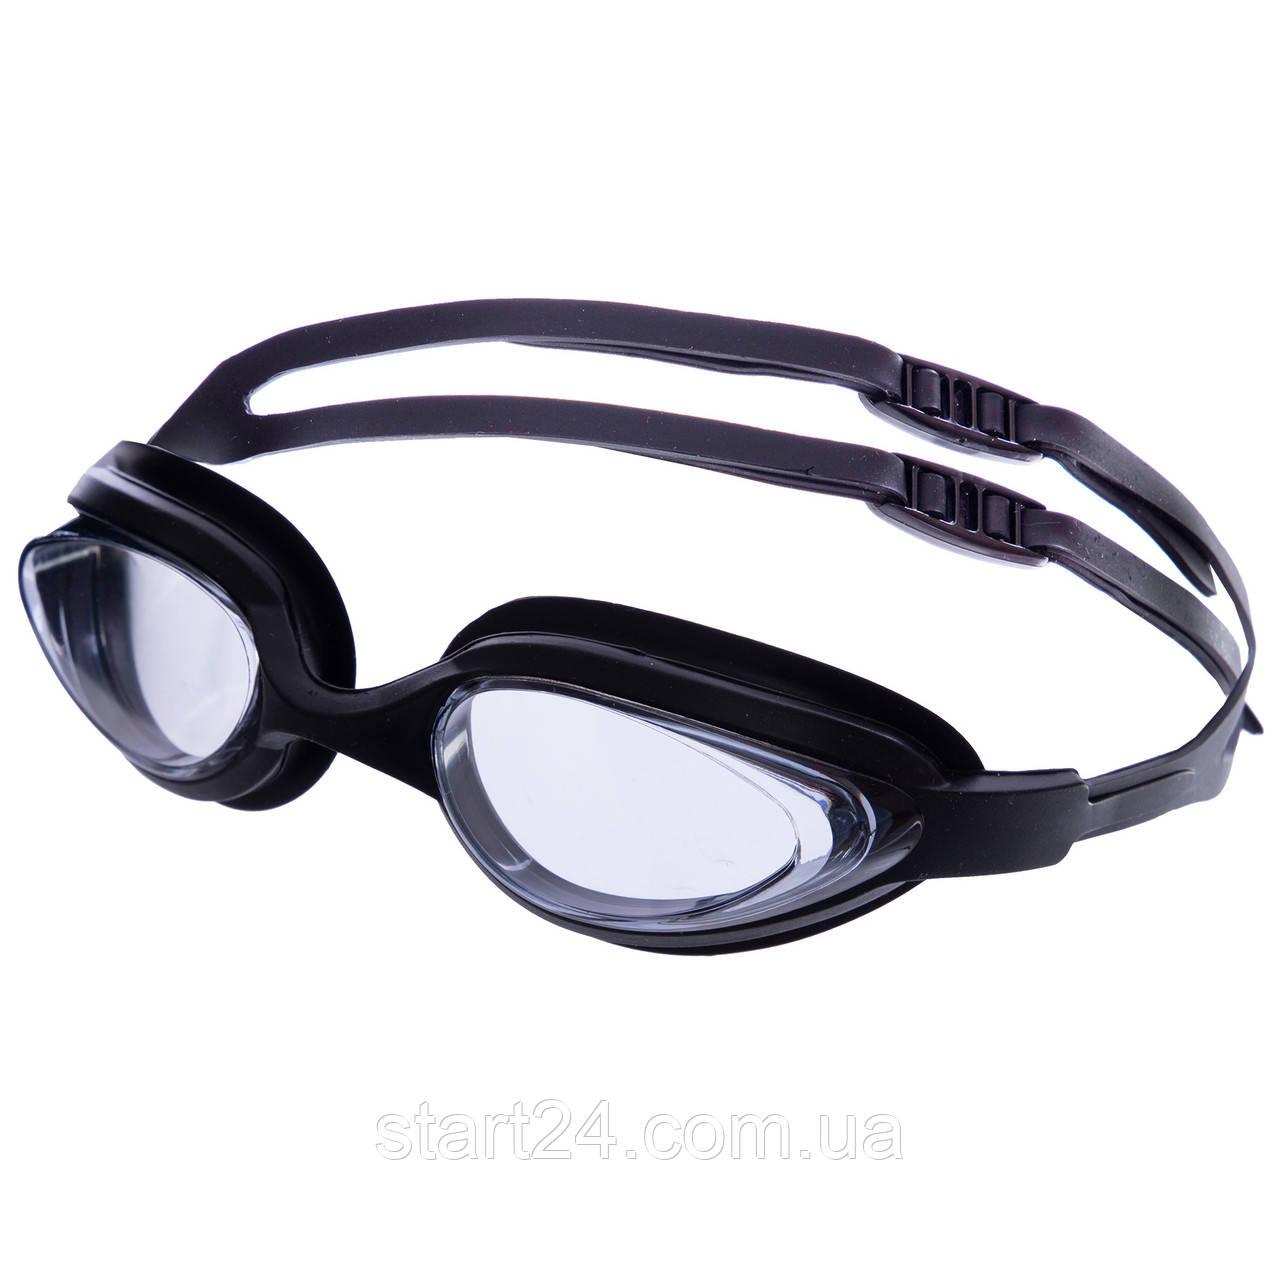 Окуляри для плавання з берушами в комплекті SAILTO G-2300 (полікарбонат, силікон, кольори в асортименті)